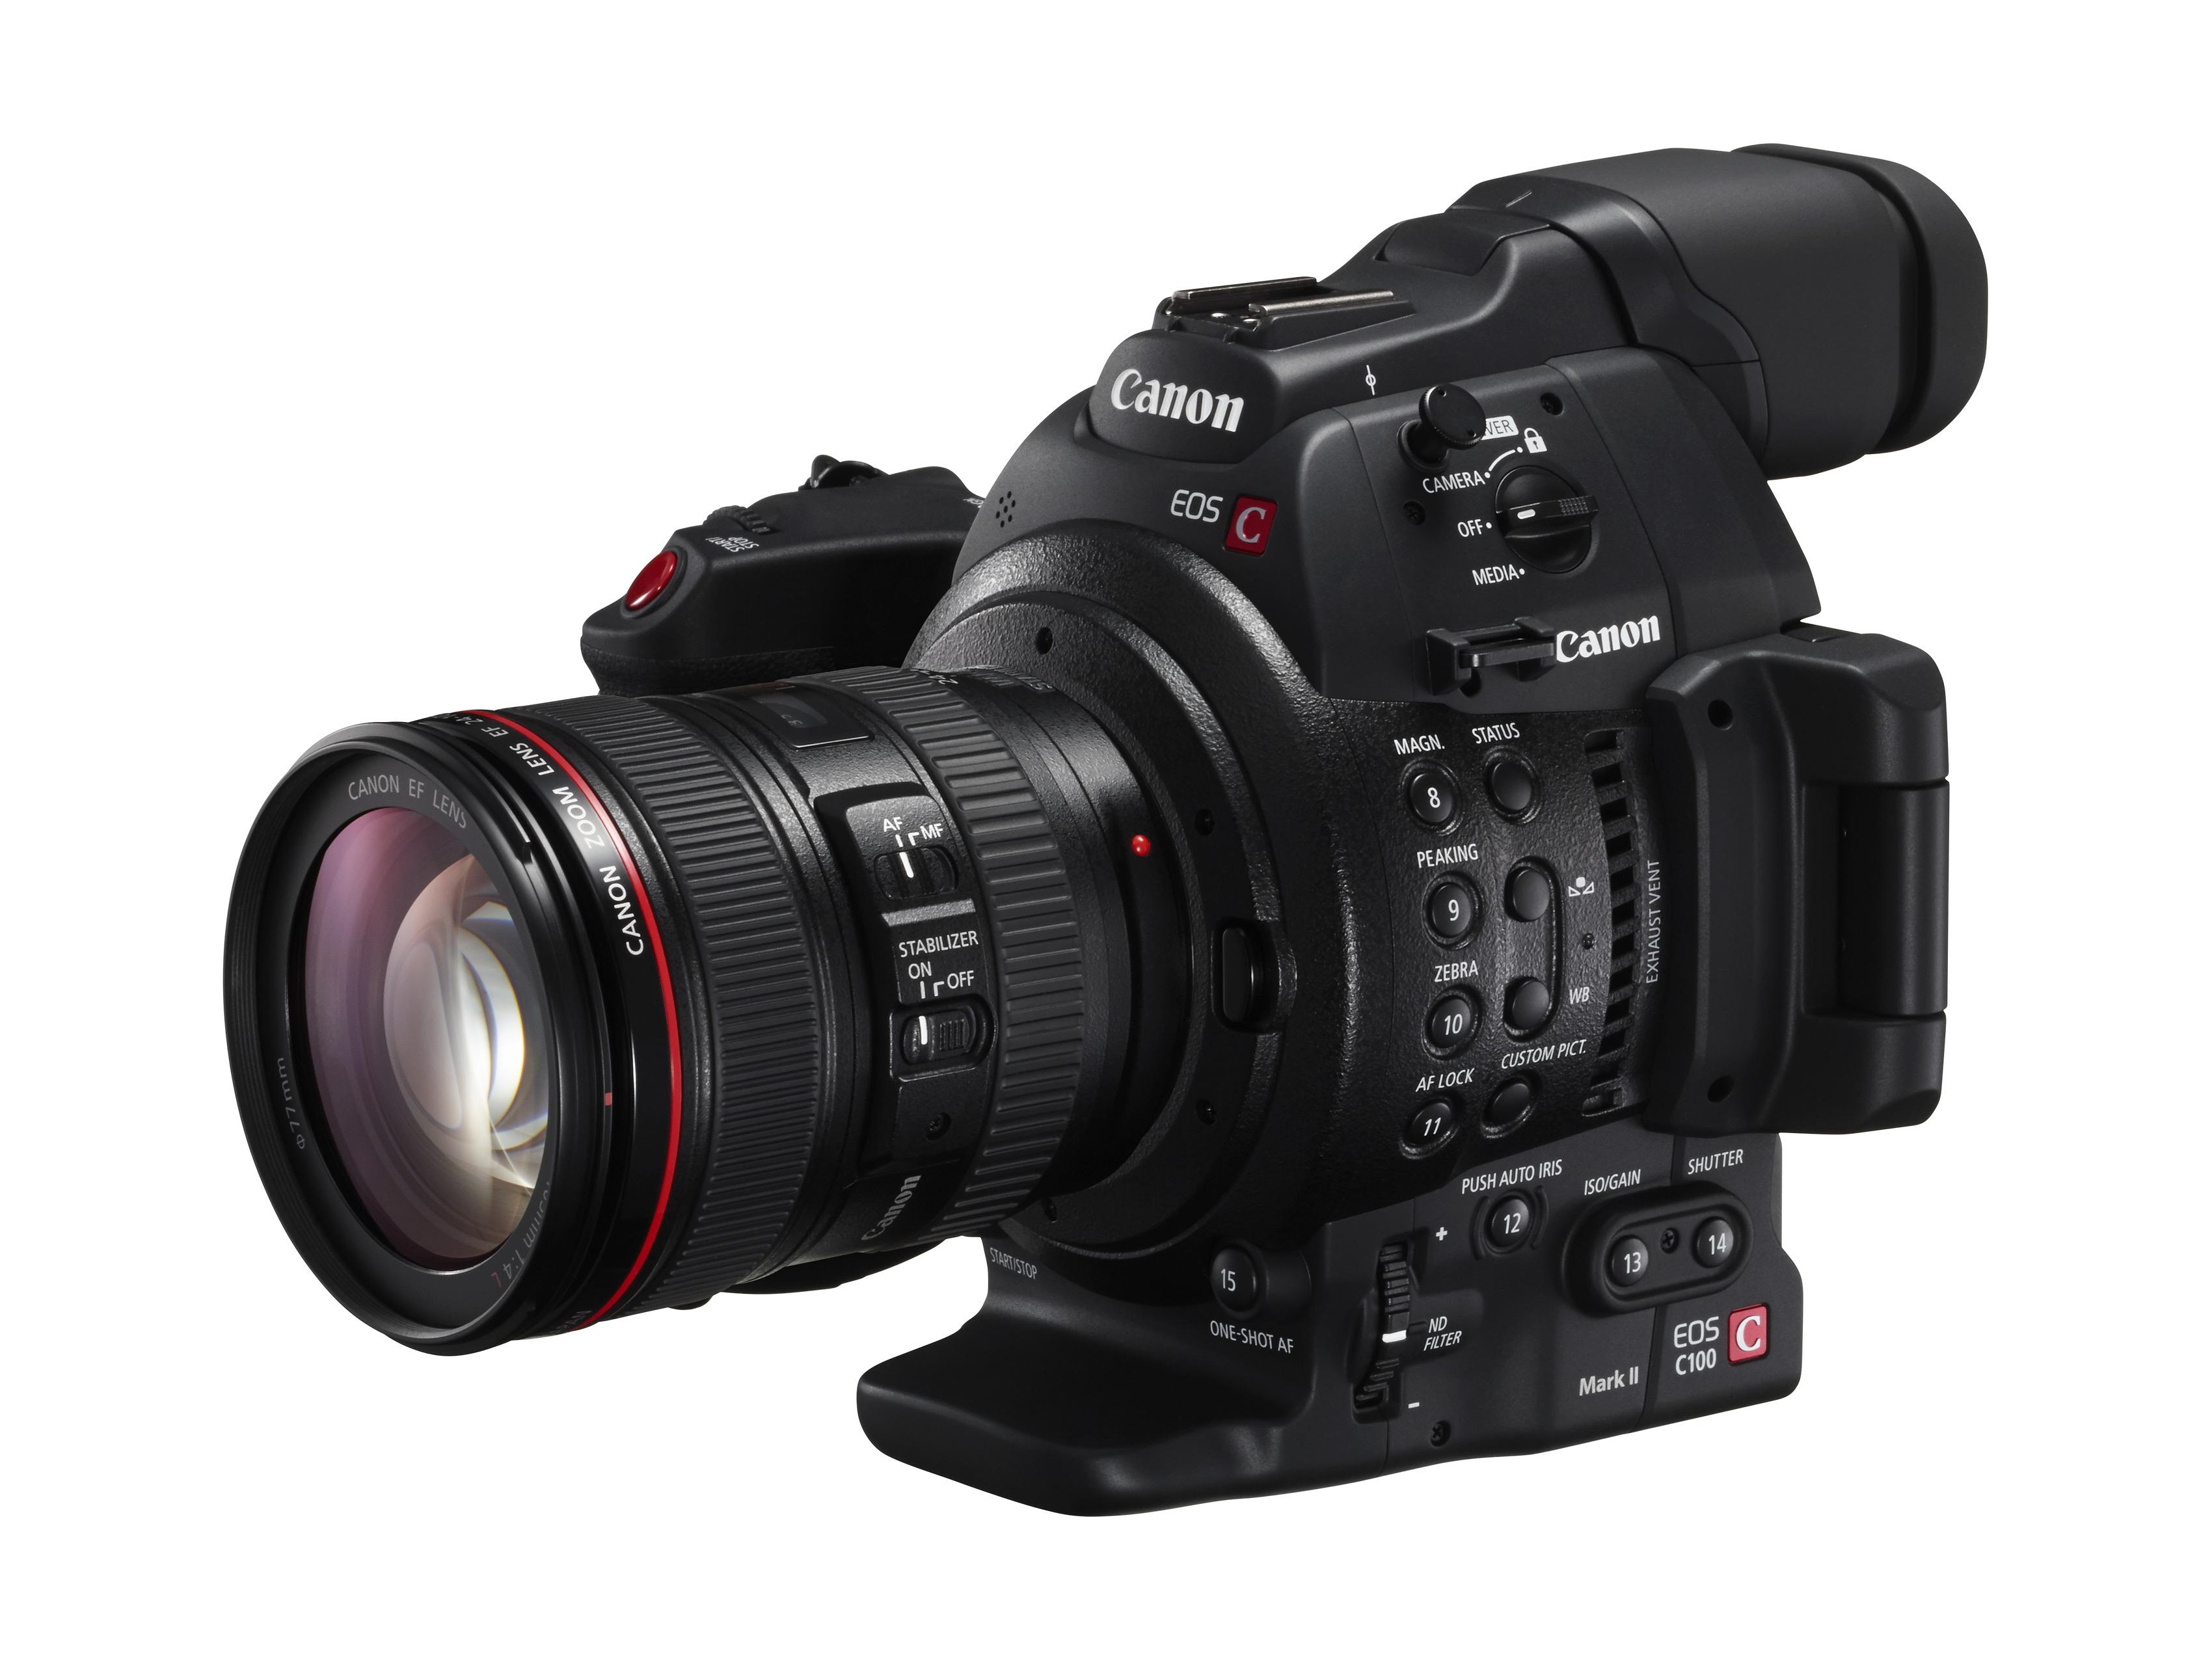 Canon выпускает новую профессиональную видеокамеру EOS C100 Mark II